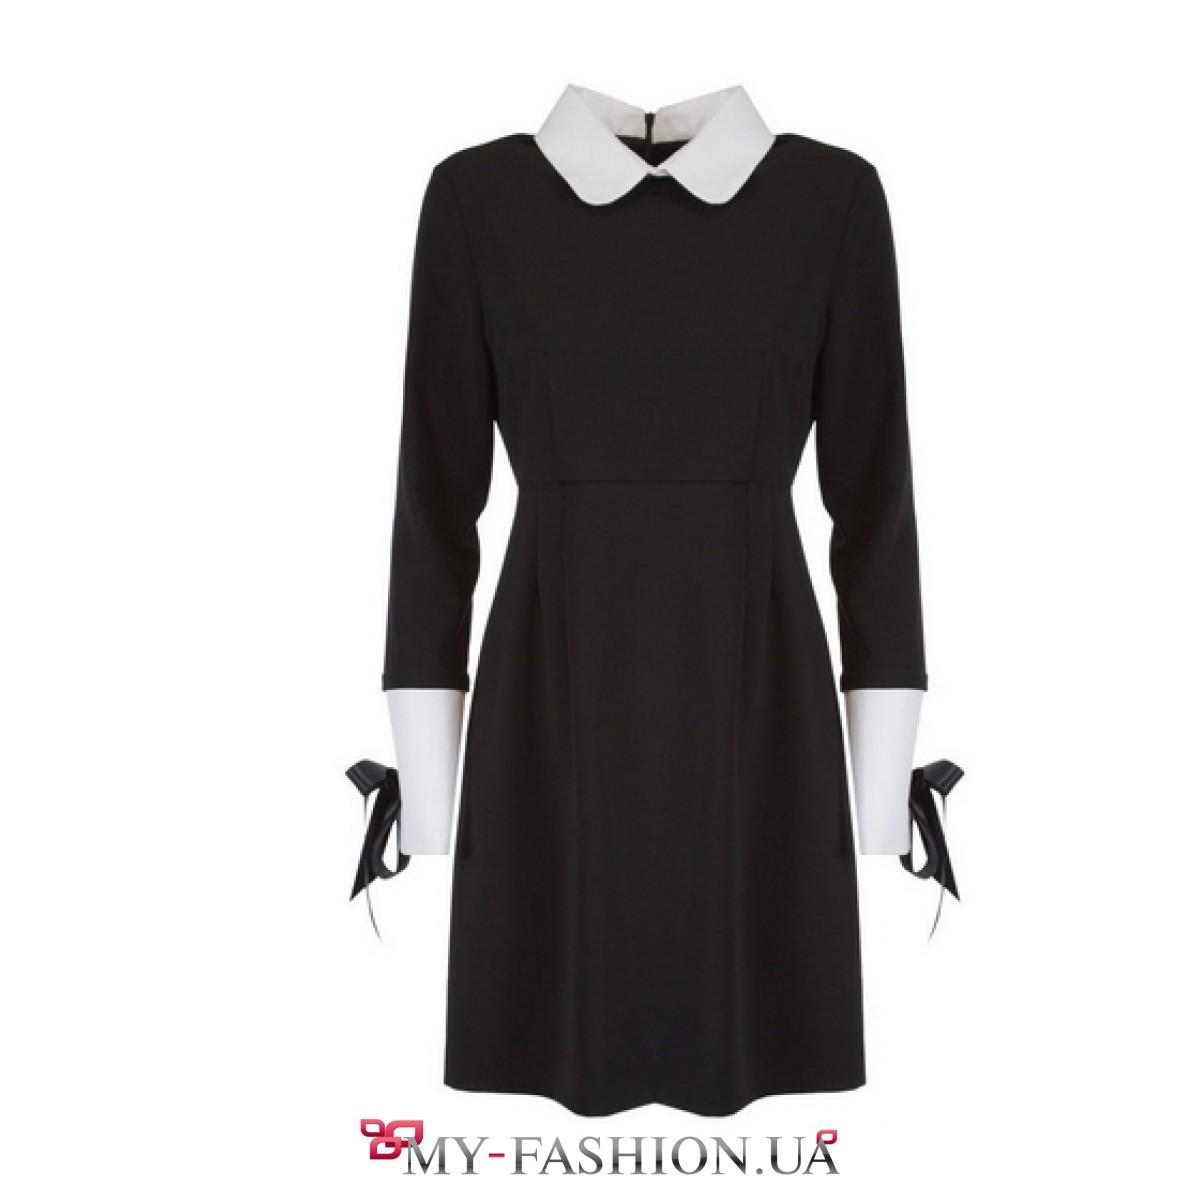 Платье с воротником и манжетами доставка